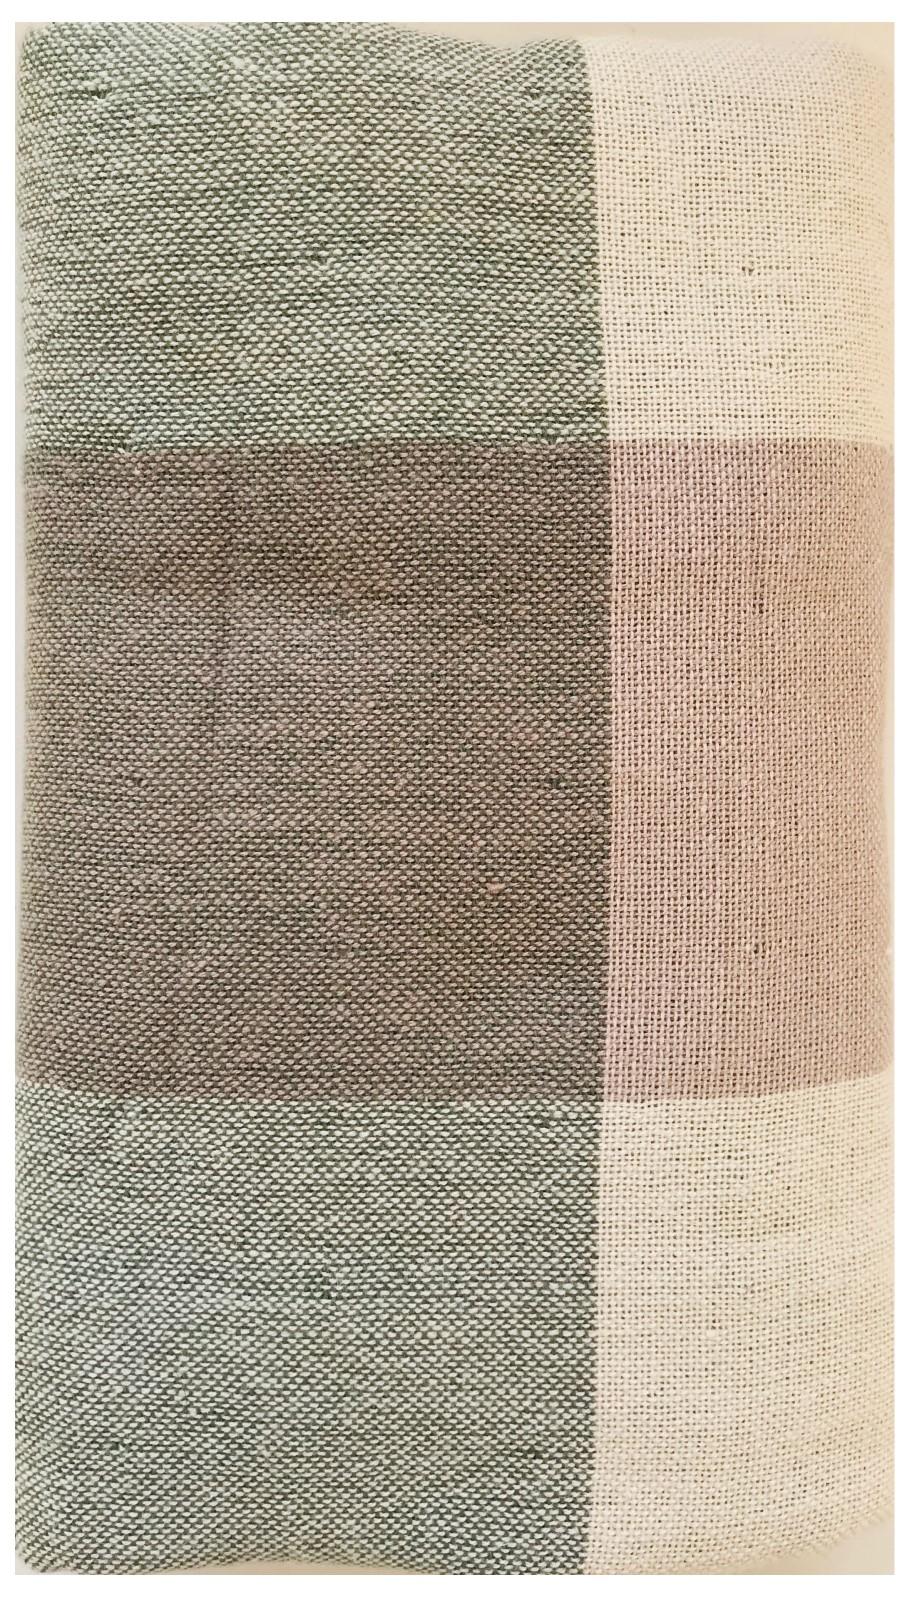 Полотенце кухонное EGIS PL004, коричневый